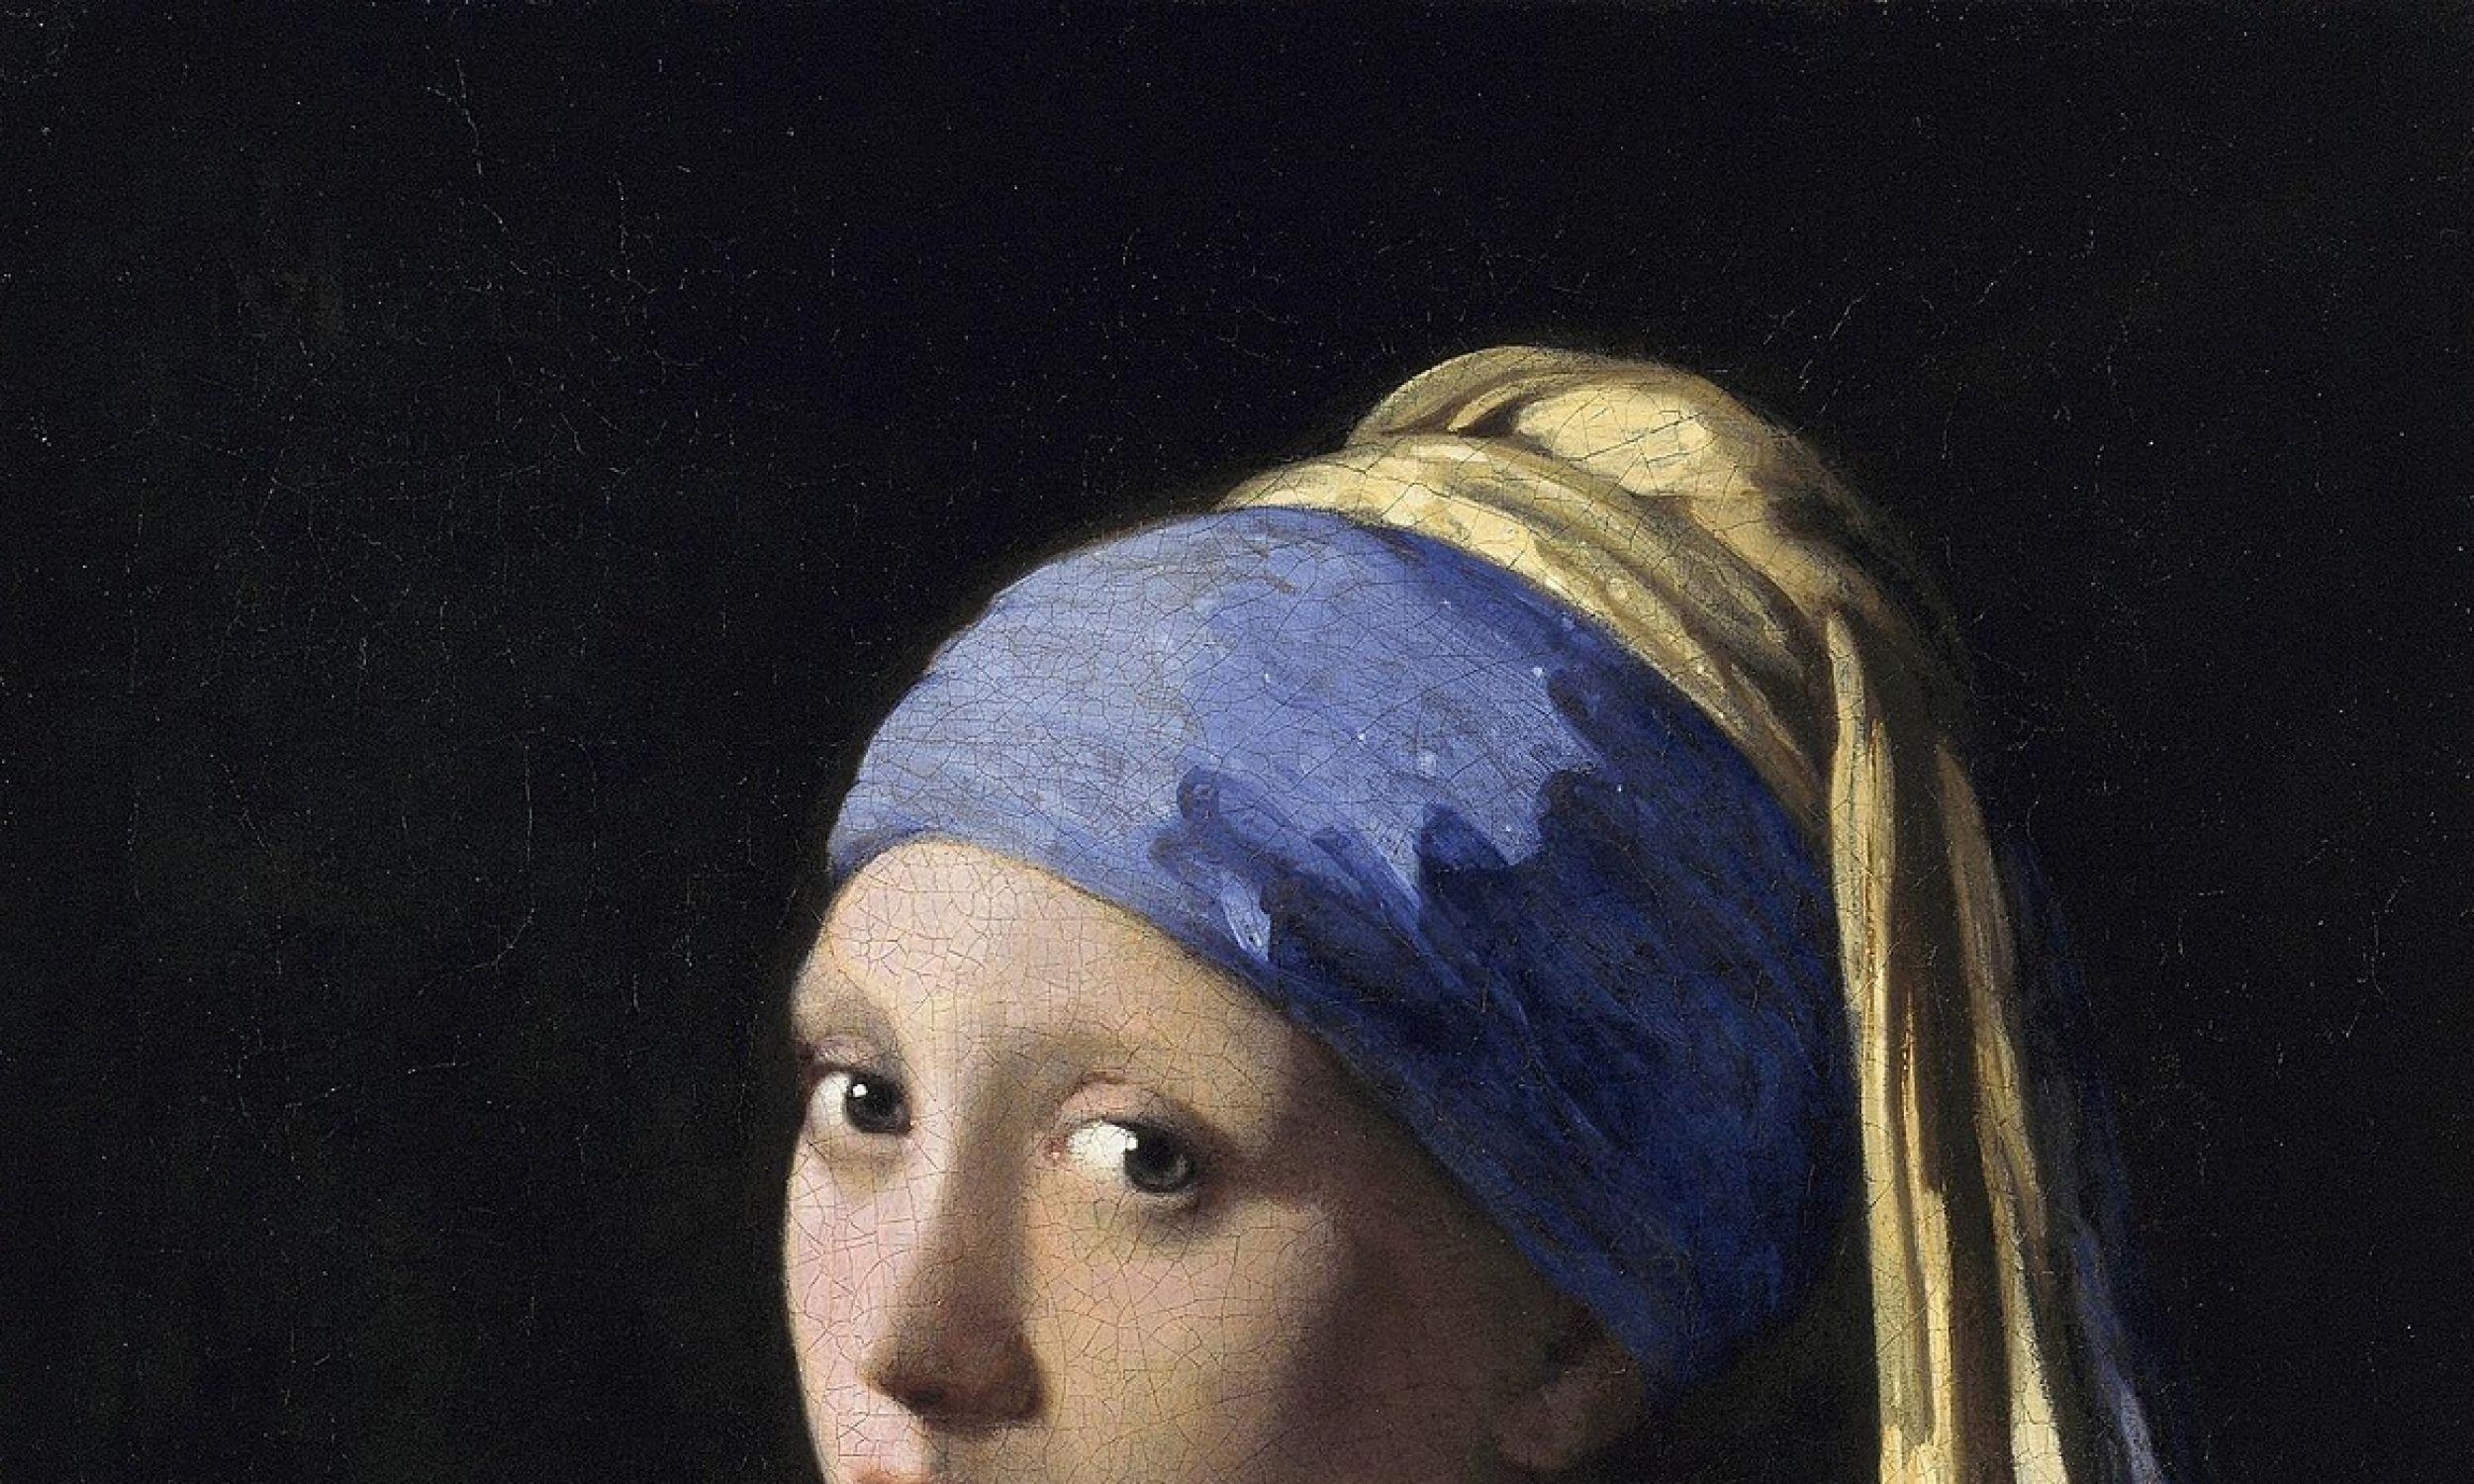 """Najsłynniejszy kolczyk świata? """"Dziewczyna z perłą"""" z obrazu Johanna Vermeera (ok. 1665). Fot. VCG Wilson/Corbis via Getty Images"""